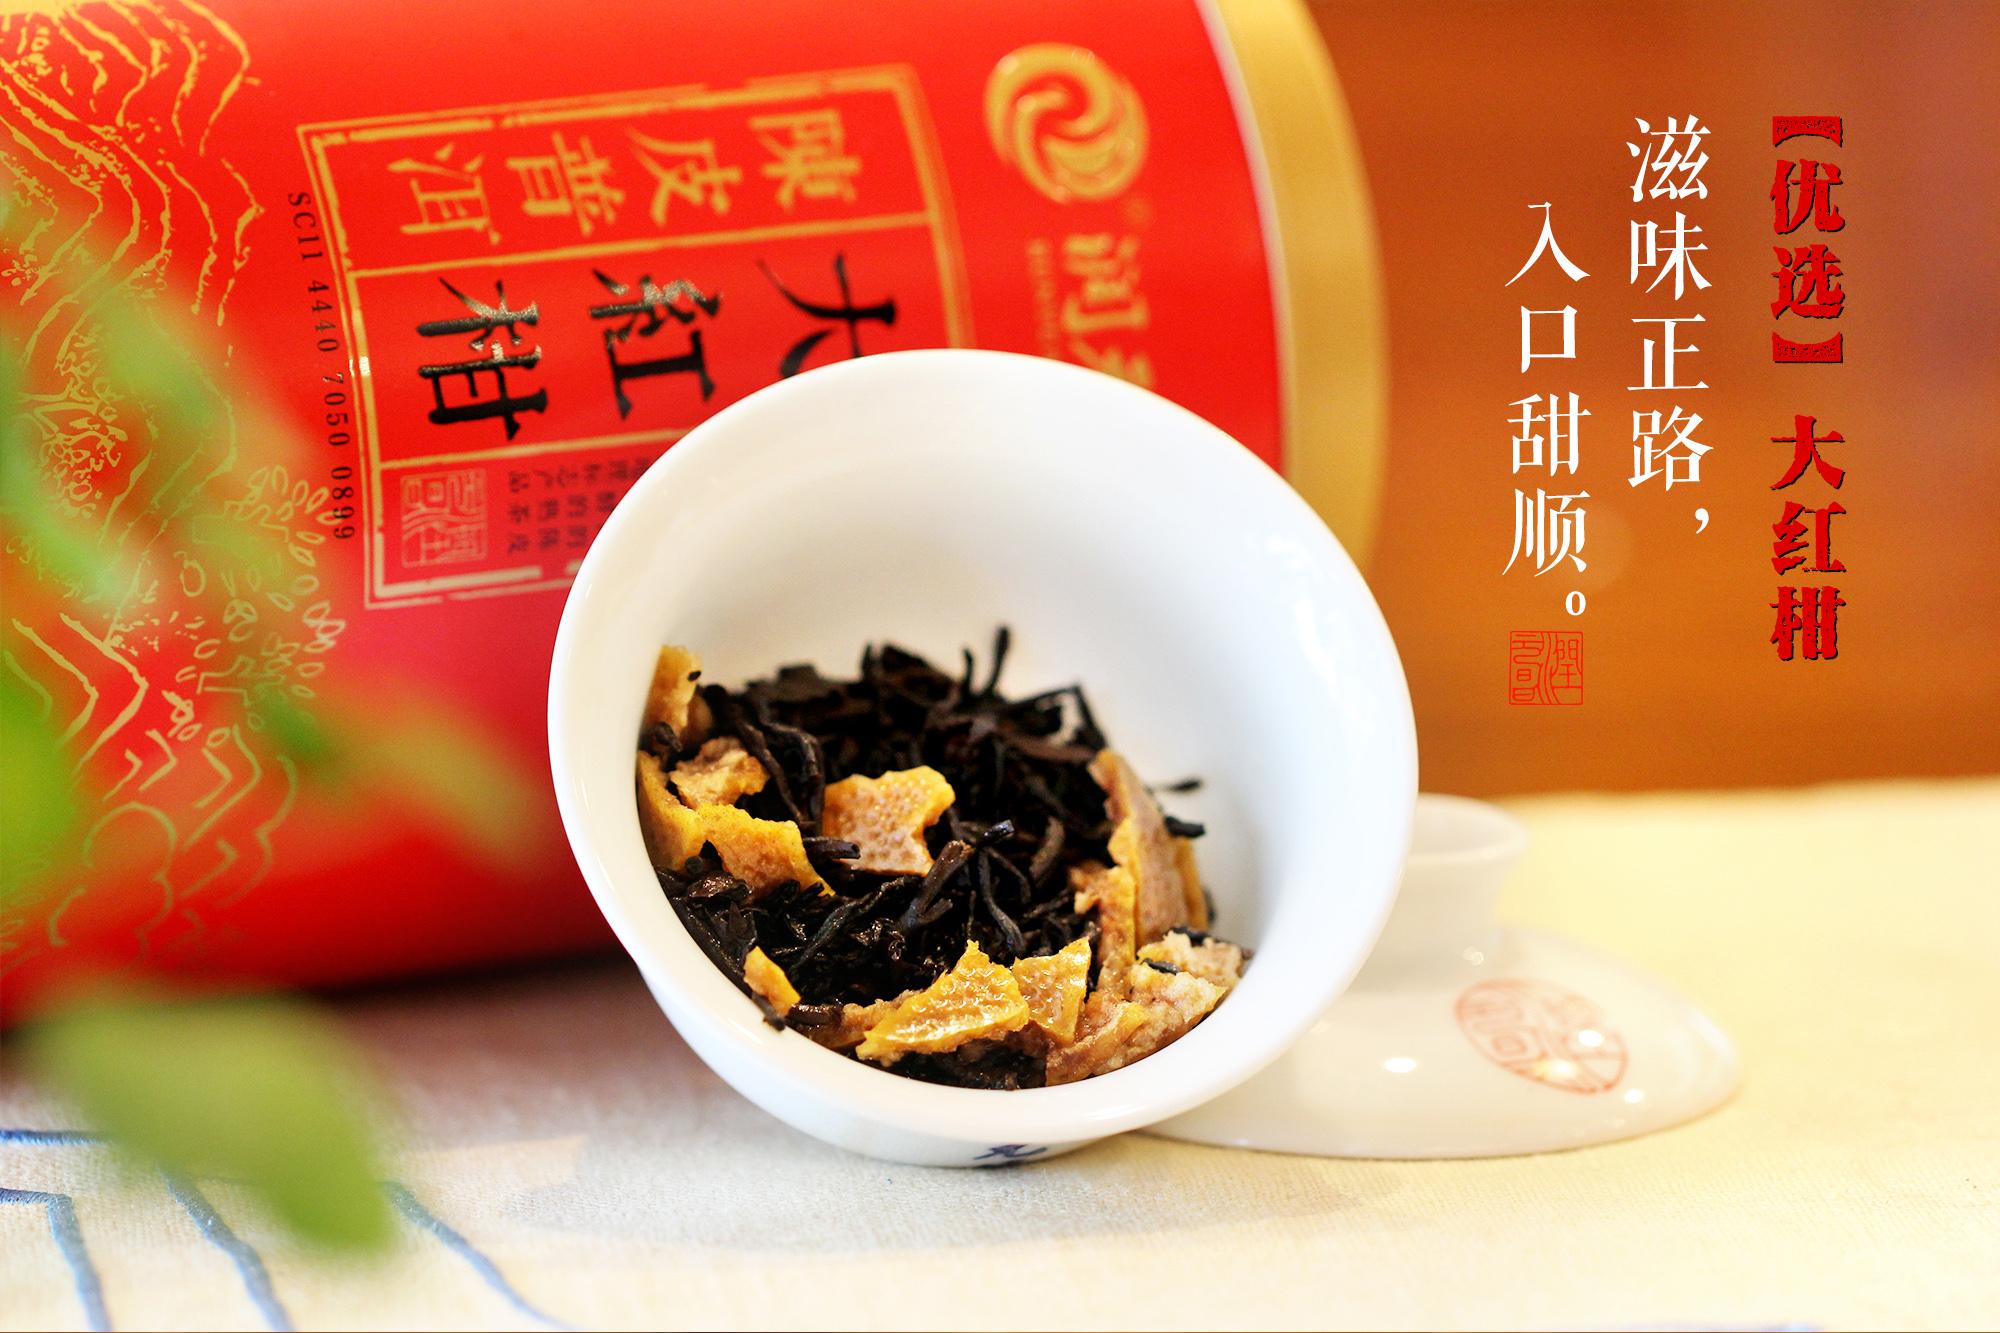 润元昌201520162017年优选大红柑陈皮普洱4